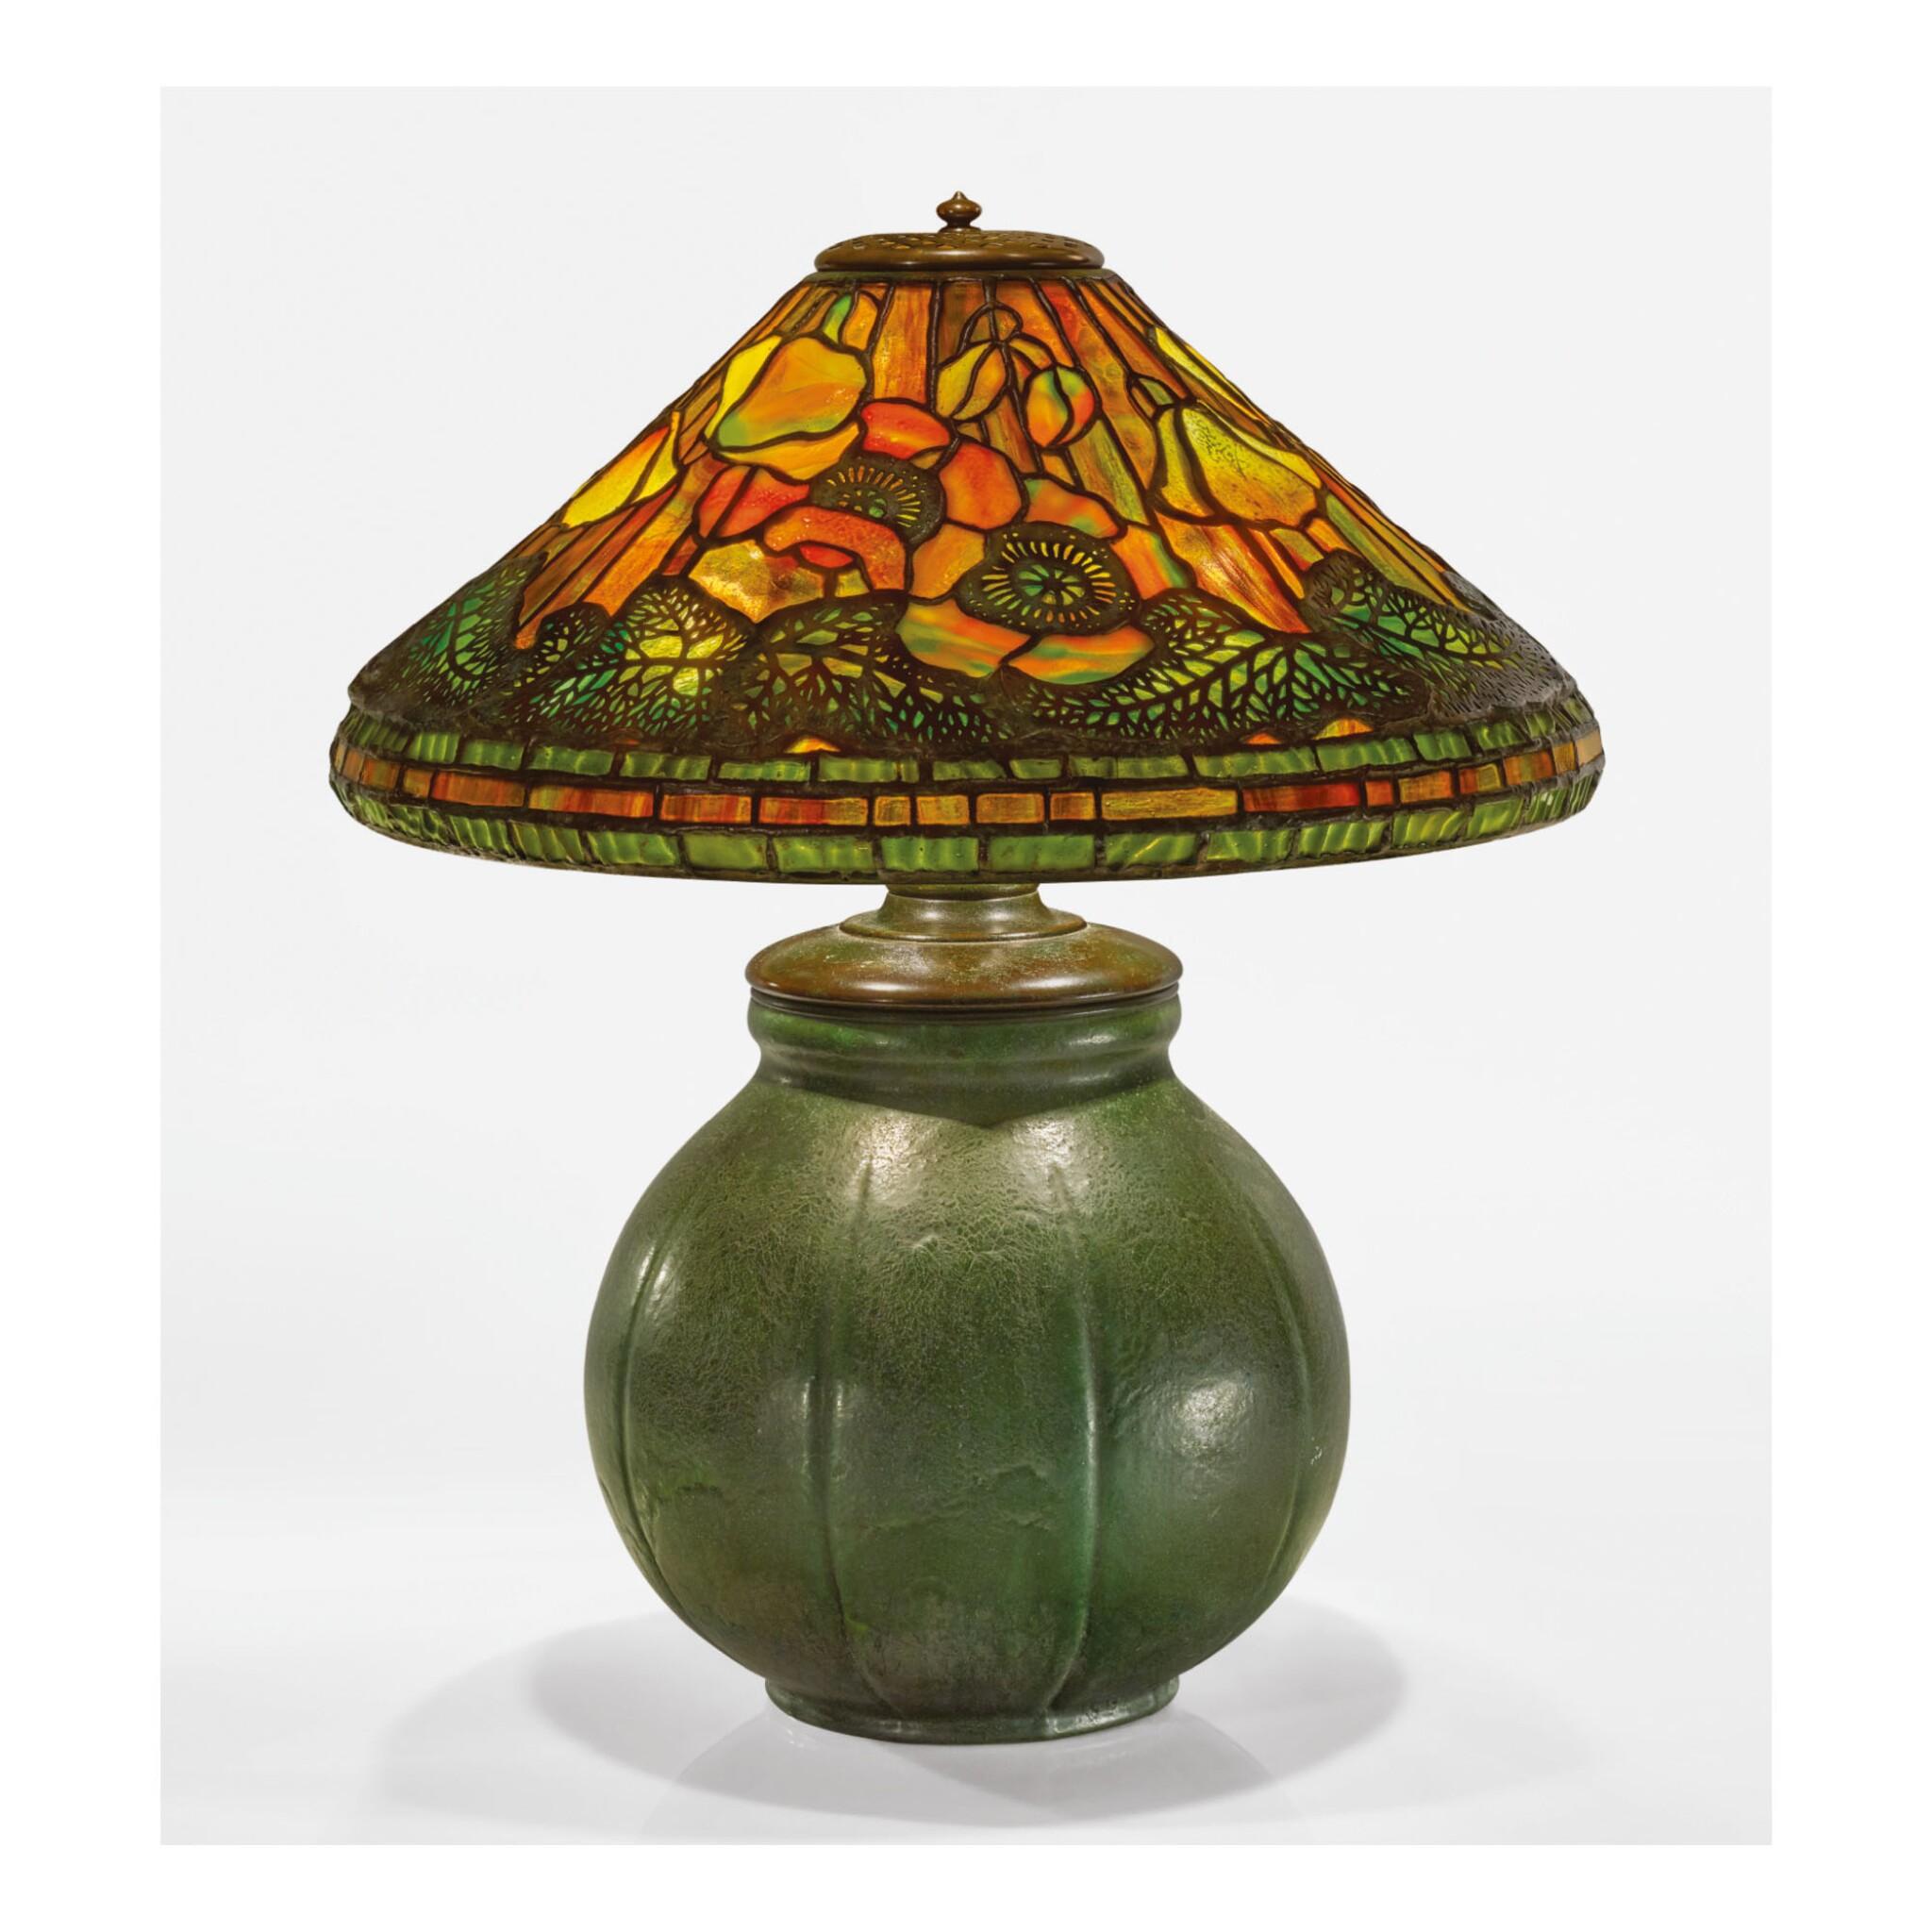 """View 1 of Lot 26. TIFFANY STUDIOS AND GRUEBY FAIENCE COMPANY   """"POPPY"""" TABLE LAMP."""